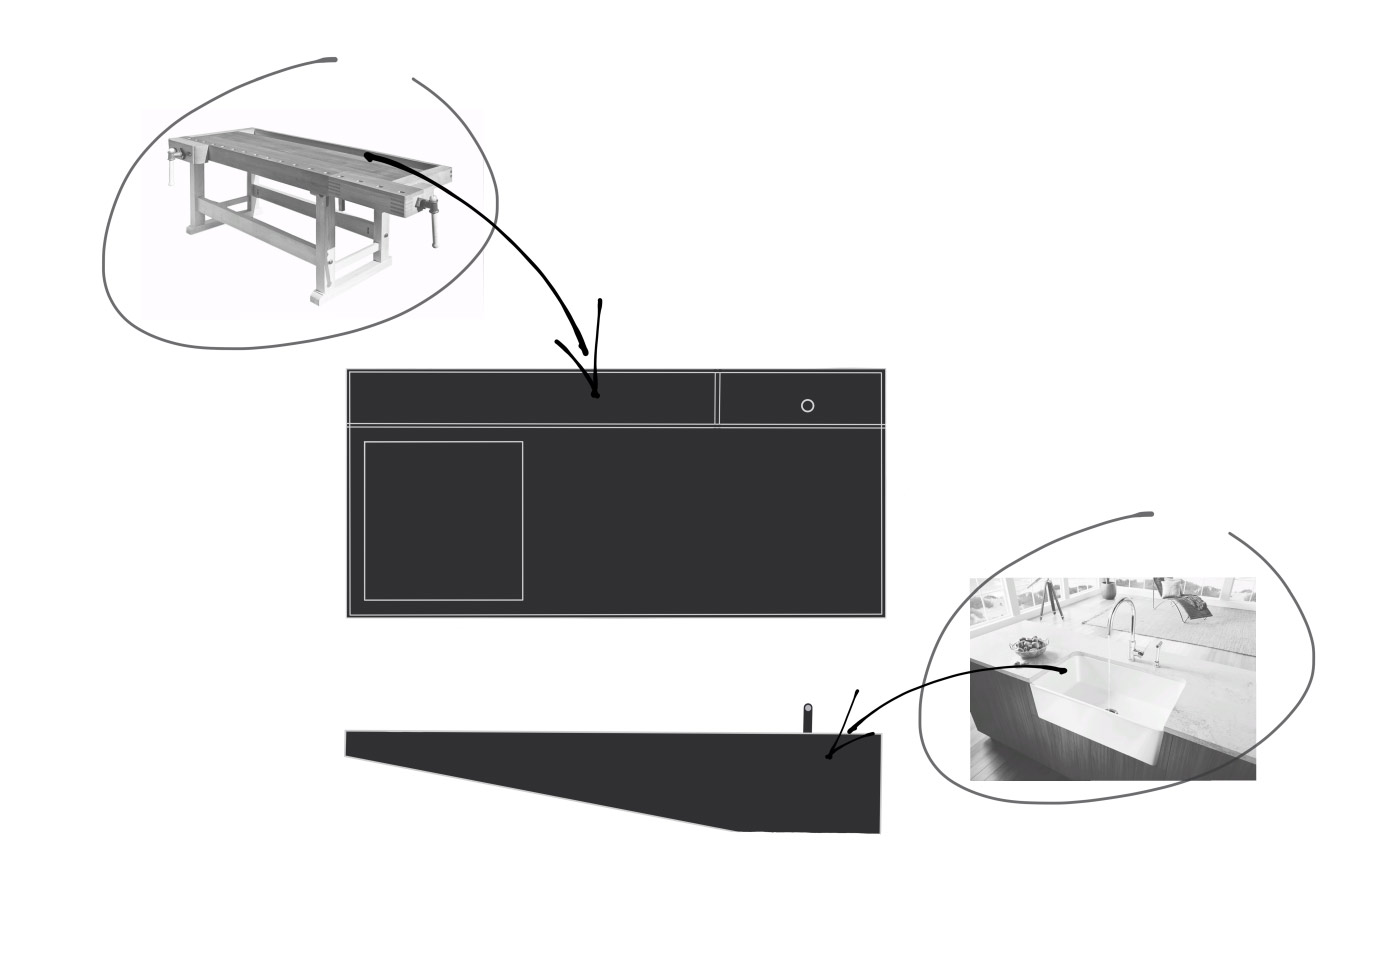 Skizzen von Möglichkeiten der beweglichen Kücheninsel in schwarz weiss.